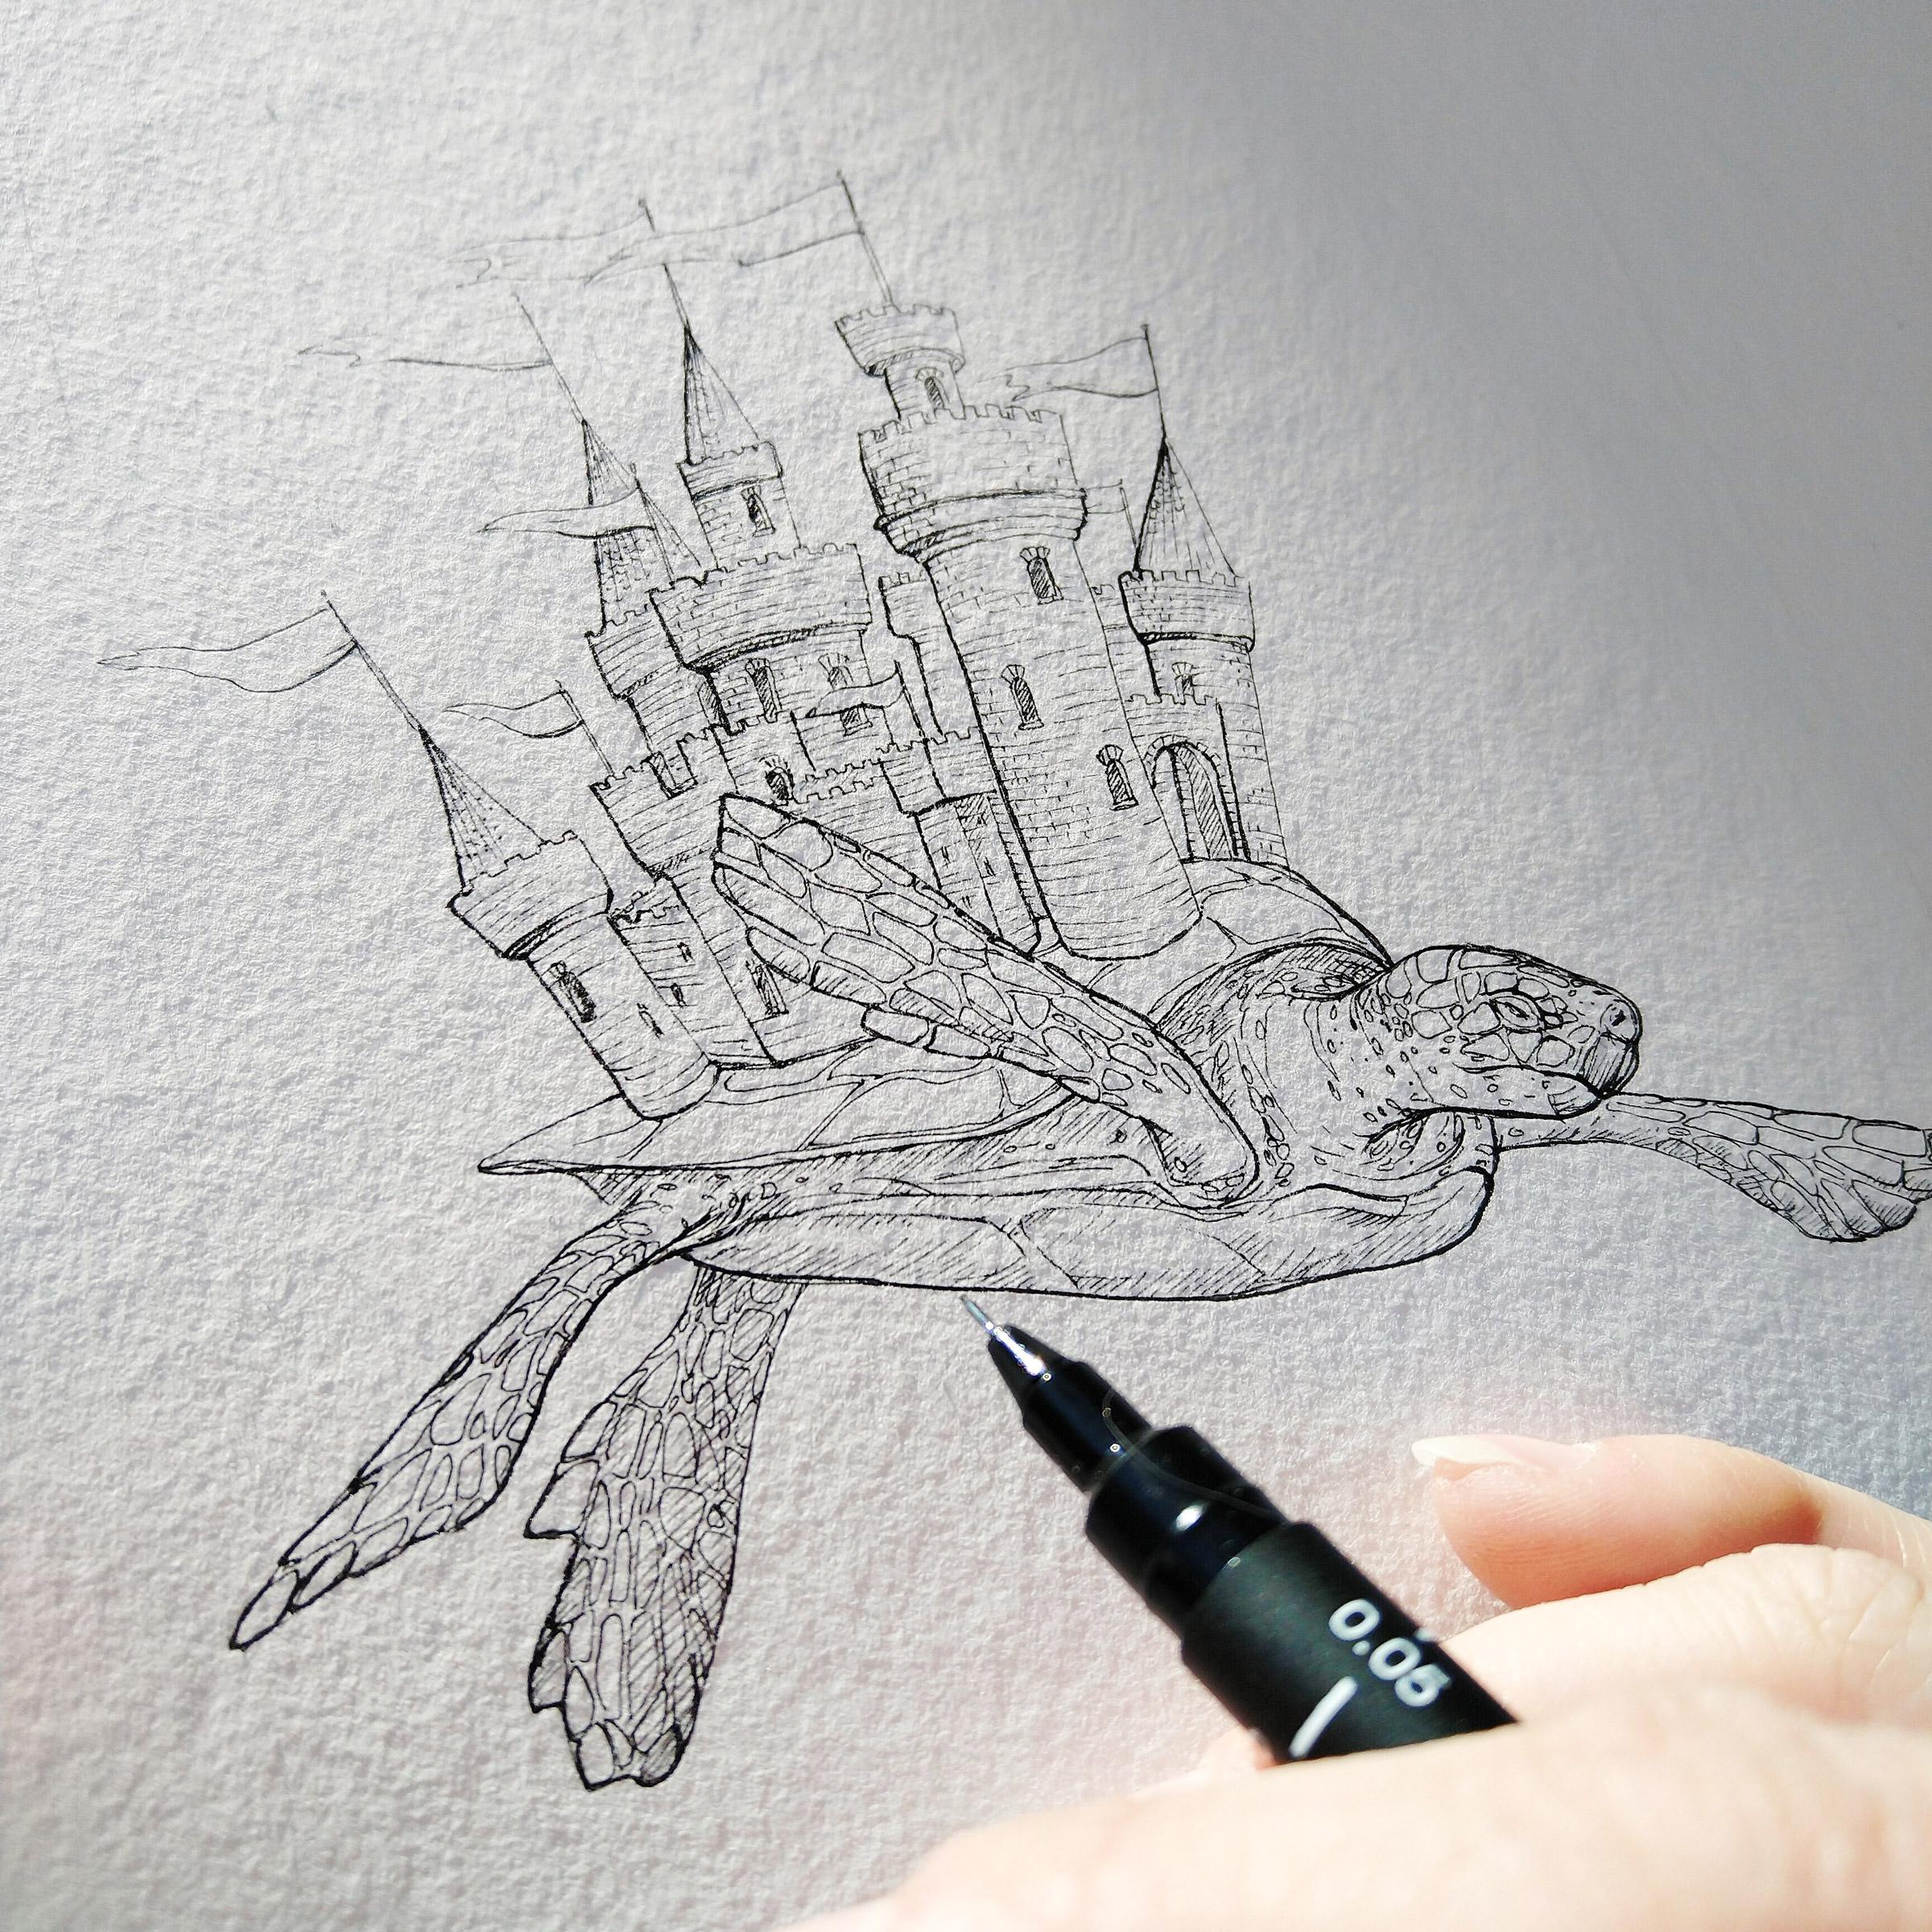 Zeichnung der schwimmenden Meeresschildkröte mit Fineliner auf recht rauem Aquarellpapier.